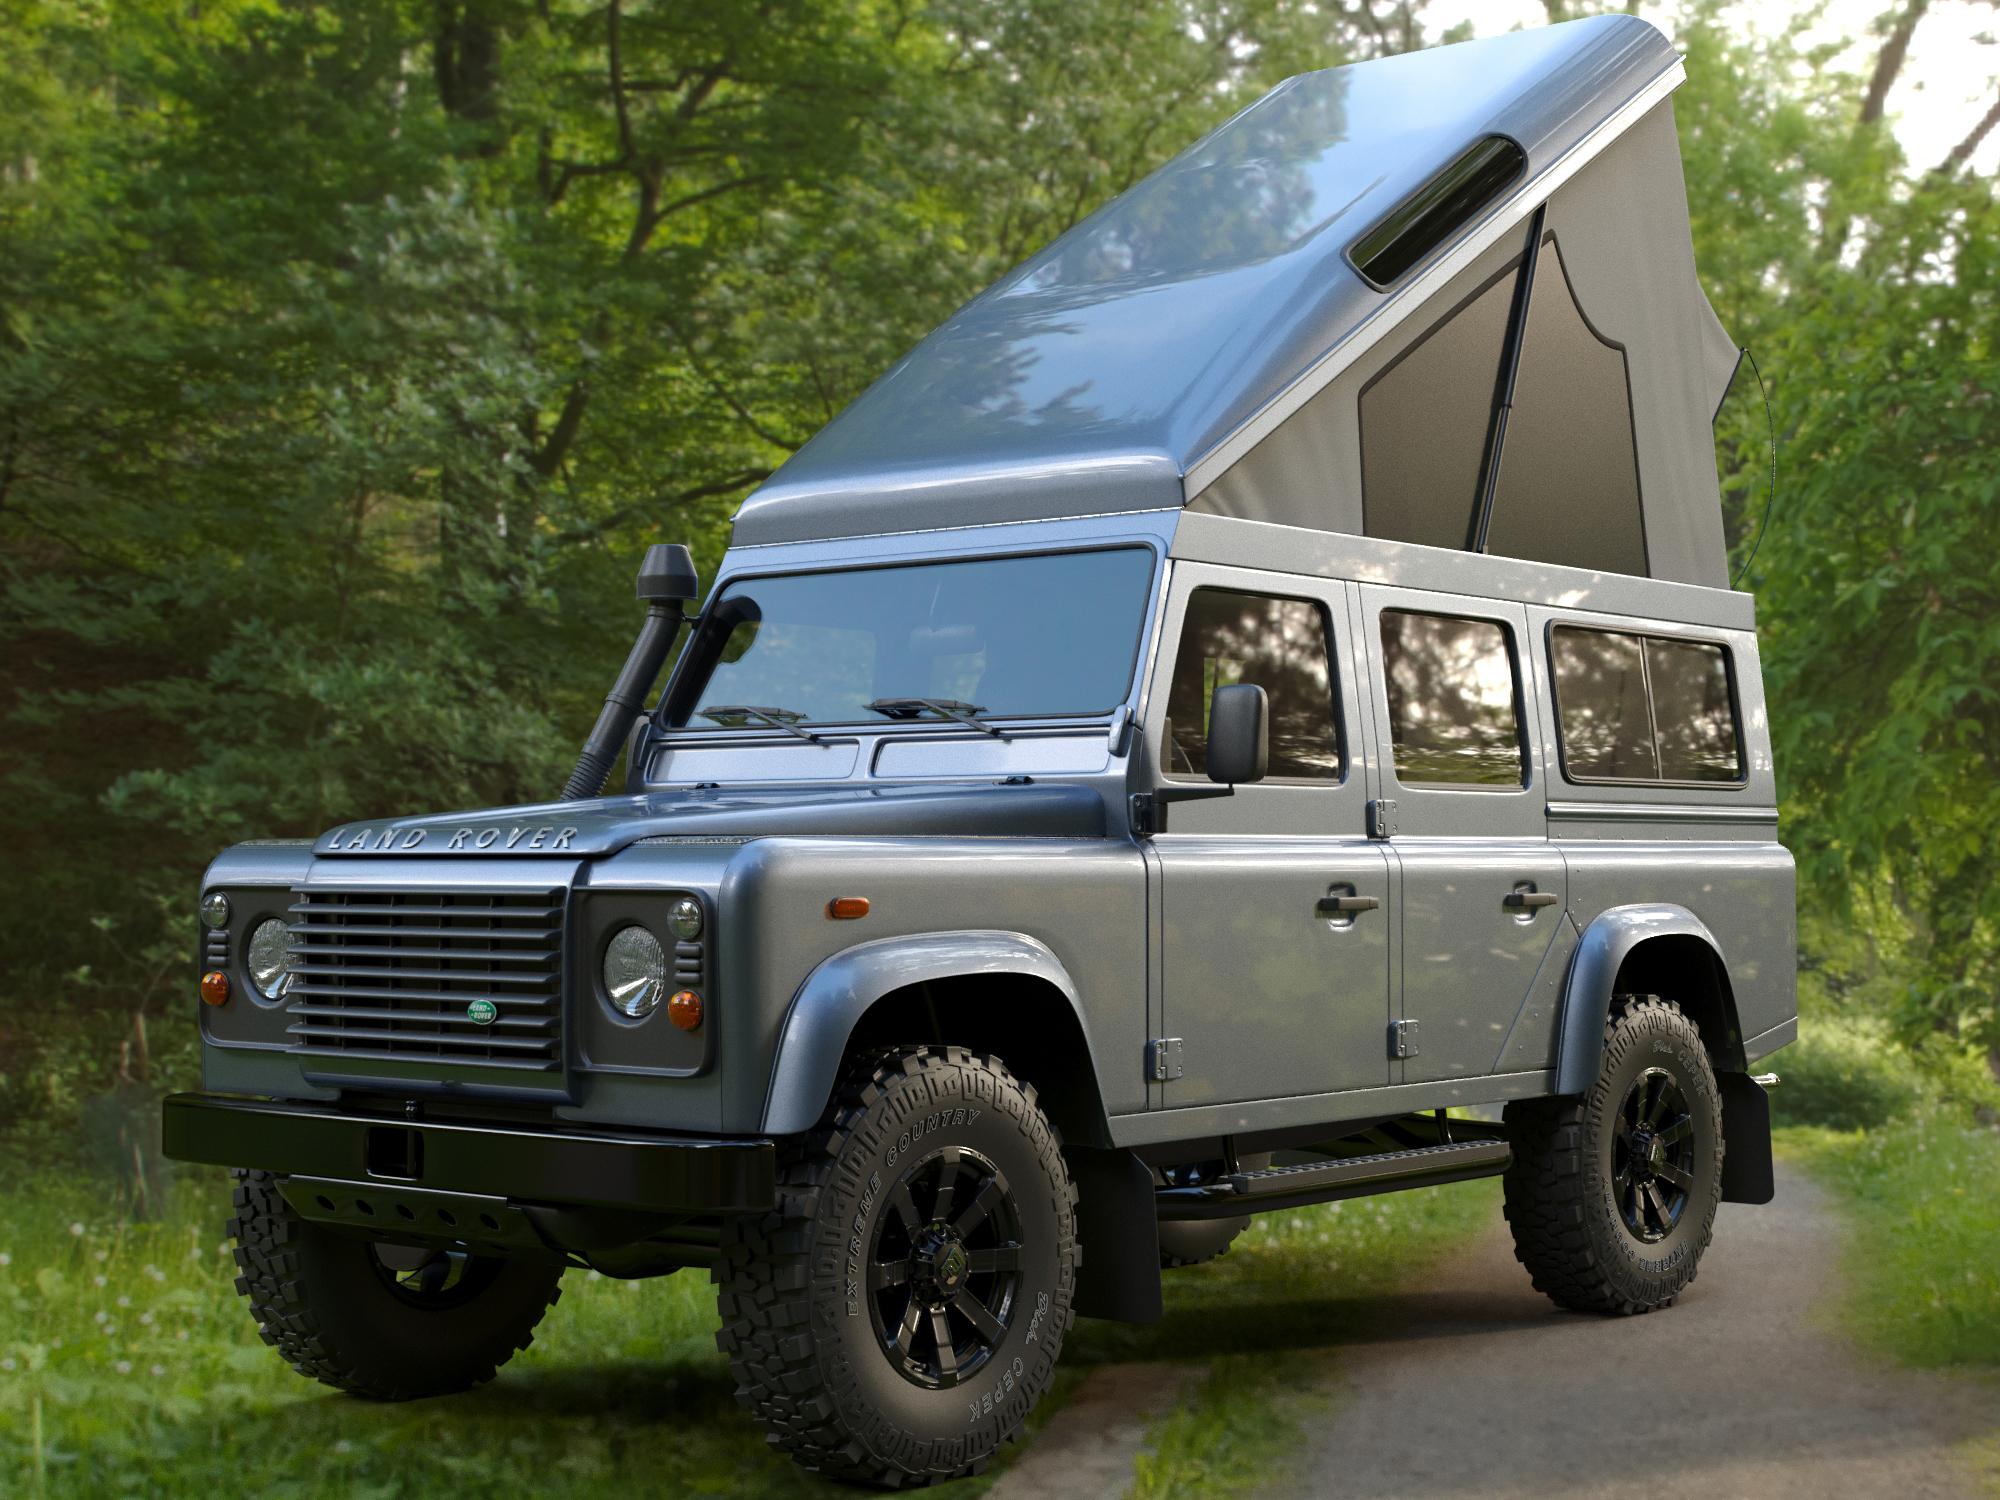 Land Rover Defender 110 >> Land Rover Defender 110 Camper